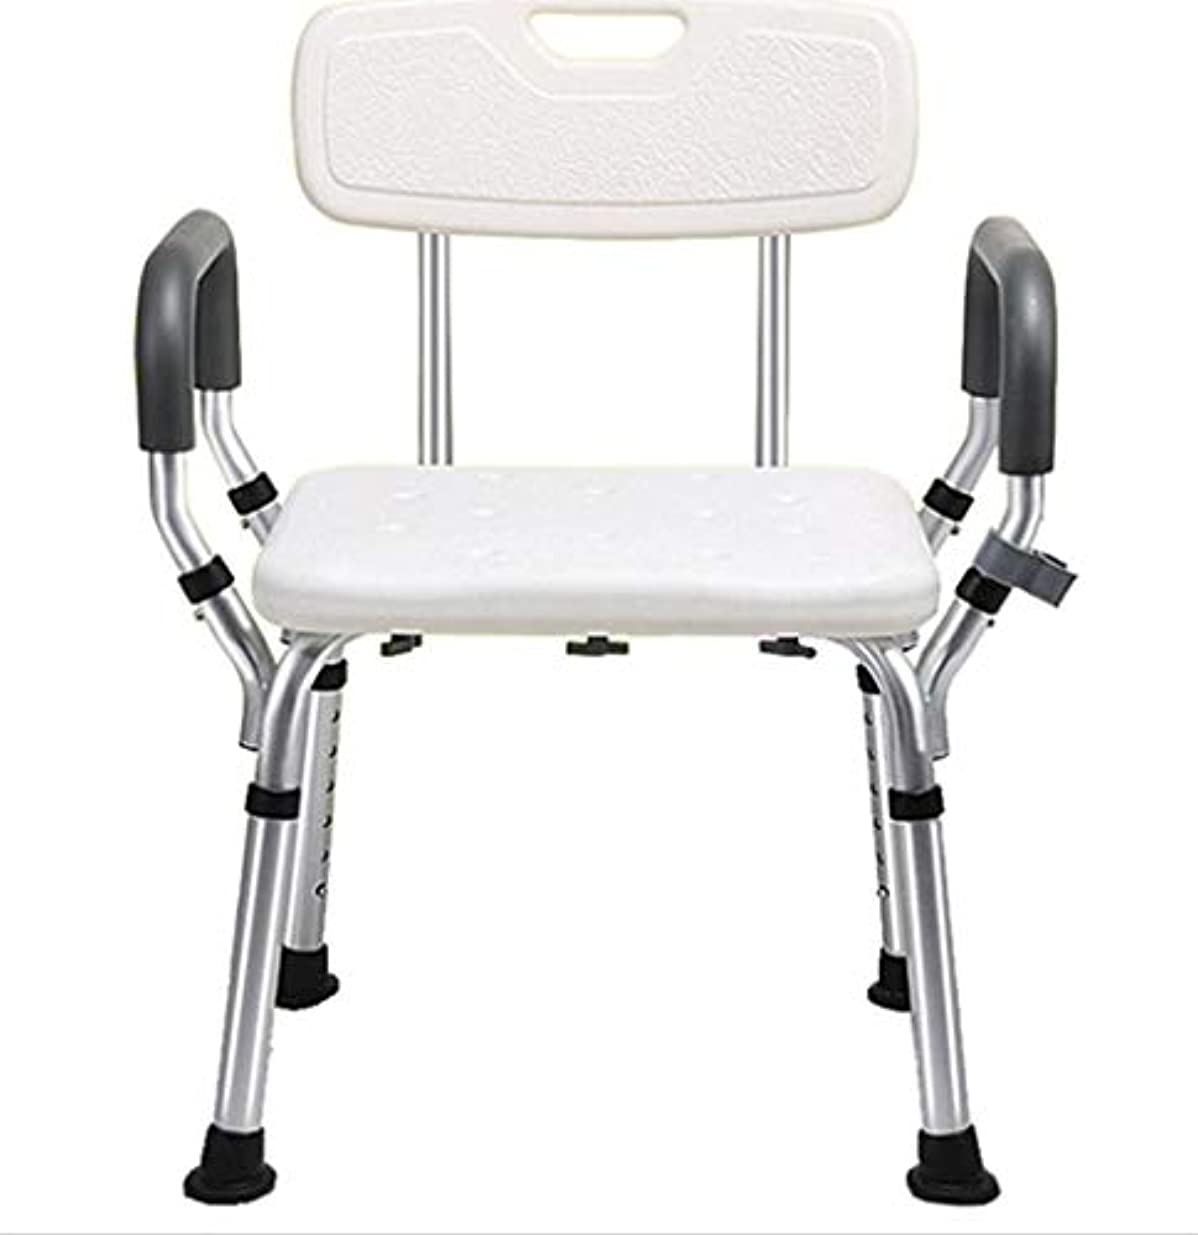 背もたれ付きシャワーチェア-障害者用の肘掛け付きバスタブベンチ、高齢者用滑り止め浴槽安全スツール